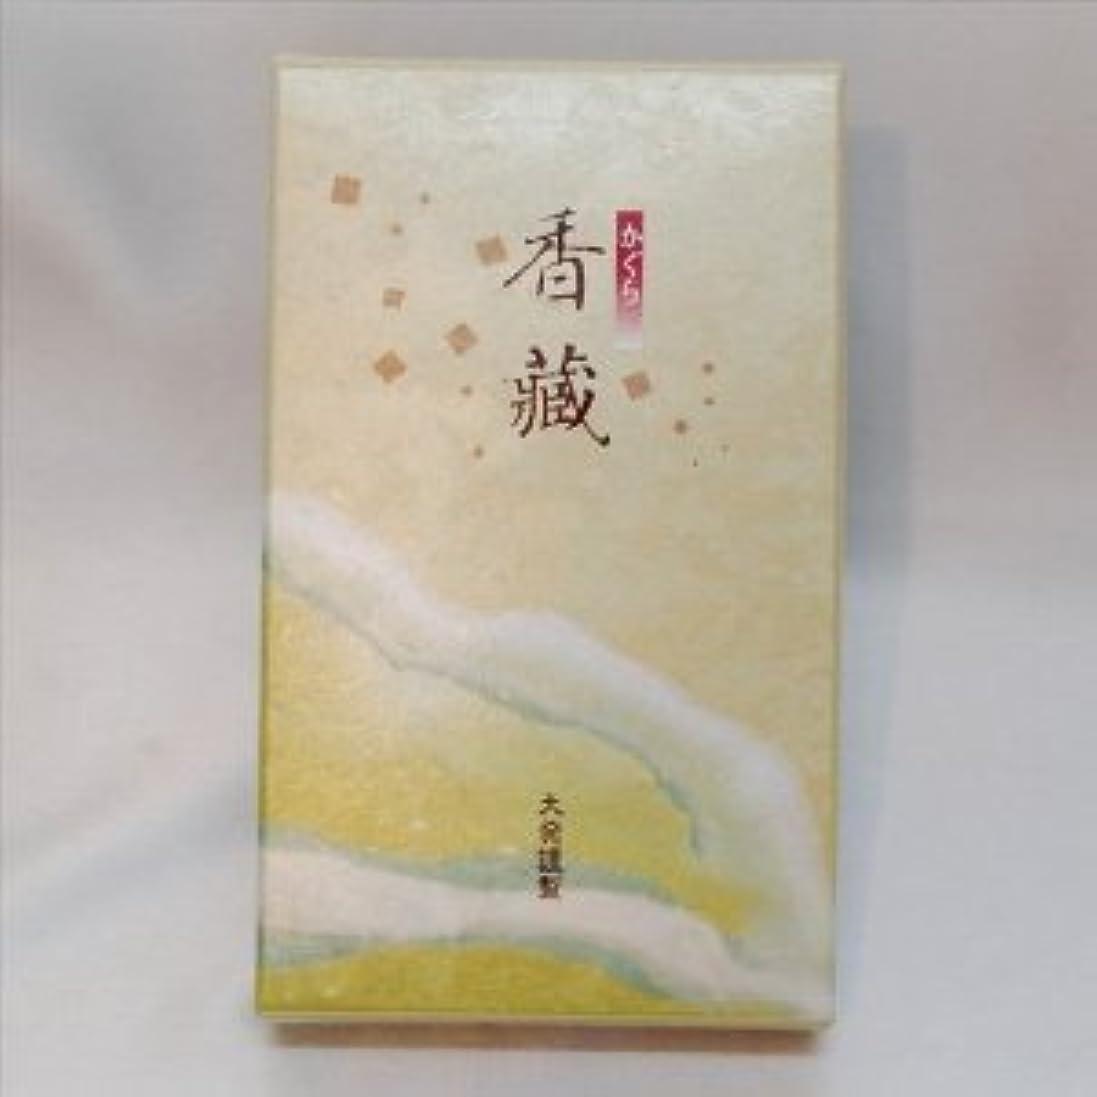 着替えるクマノミ小麦大発 香蔵 バラ詰 W-1 (1)